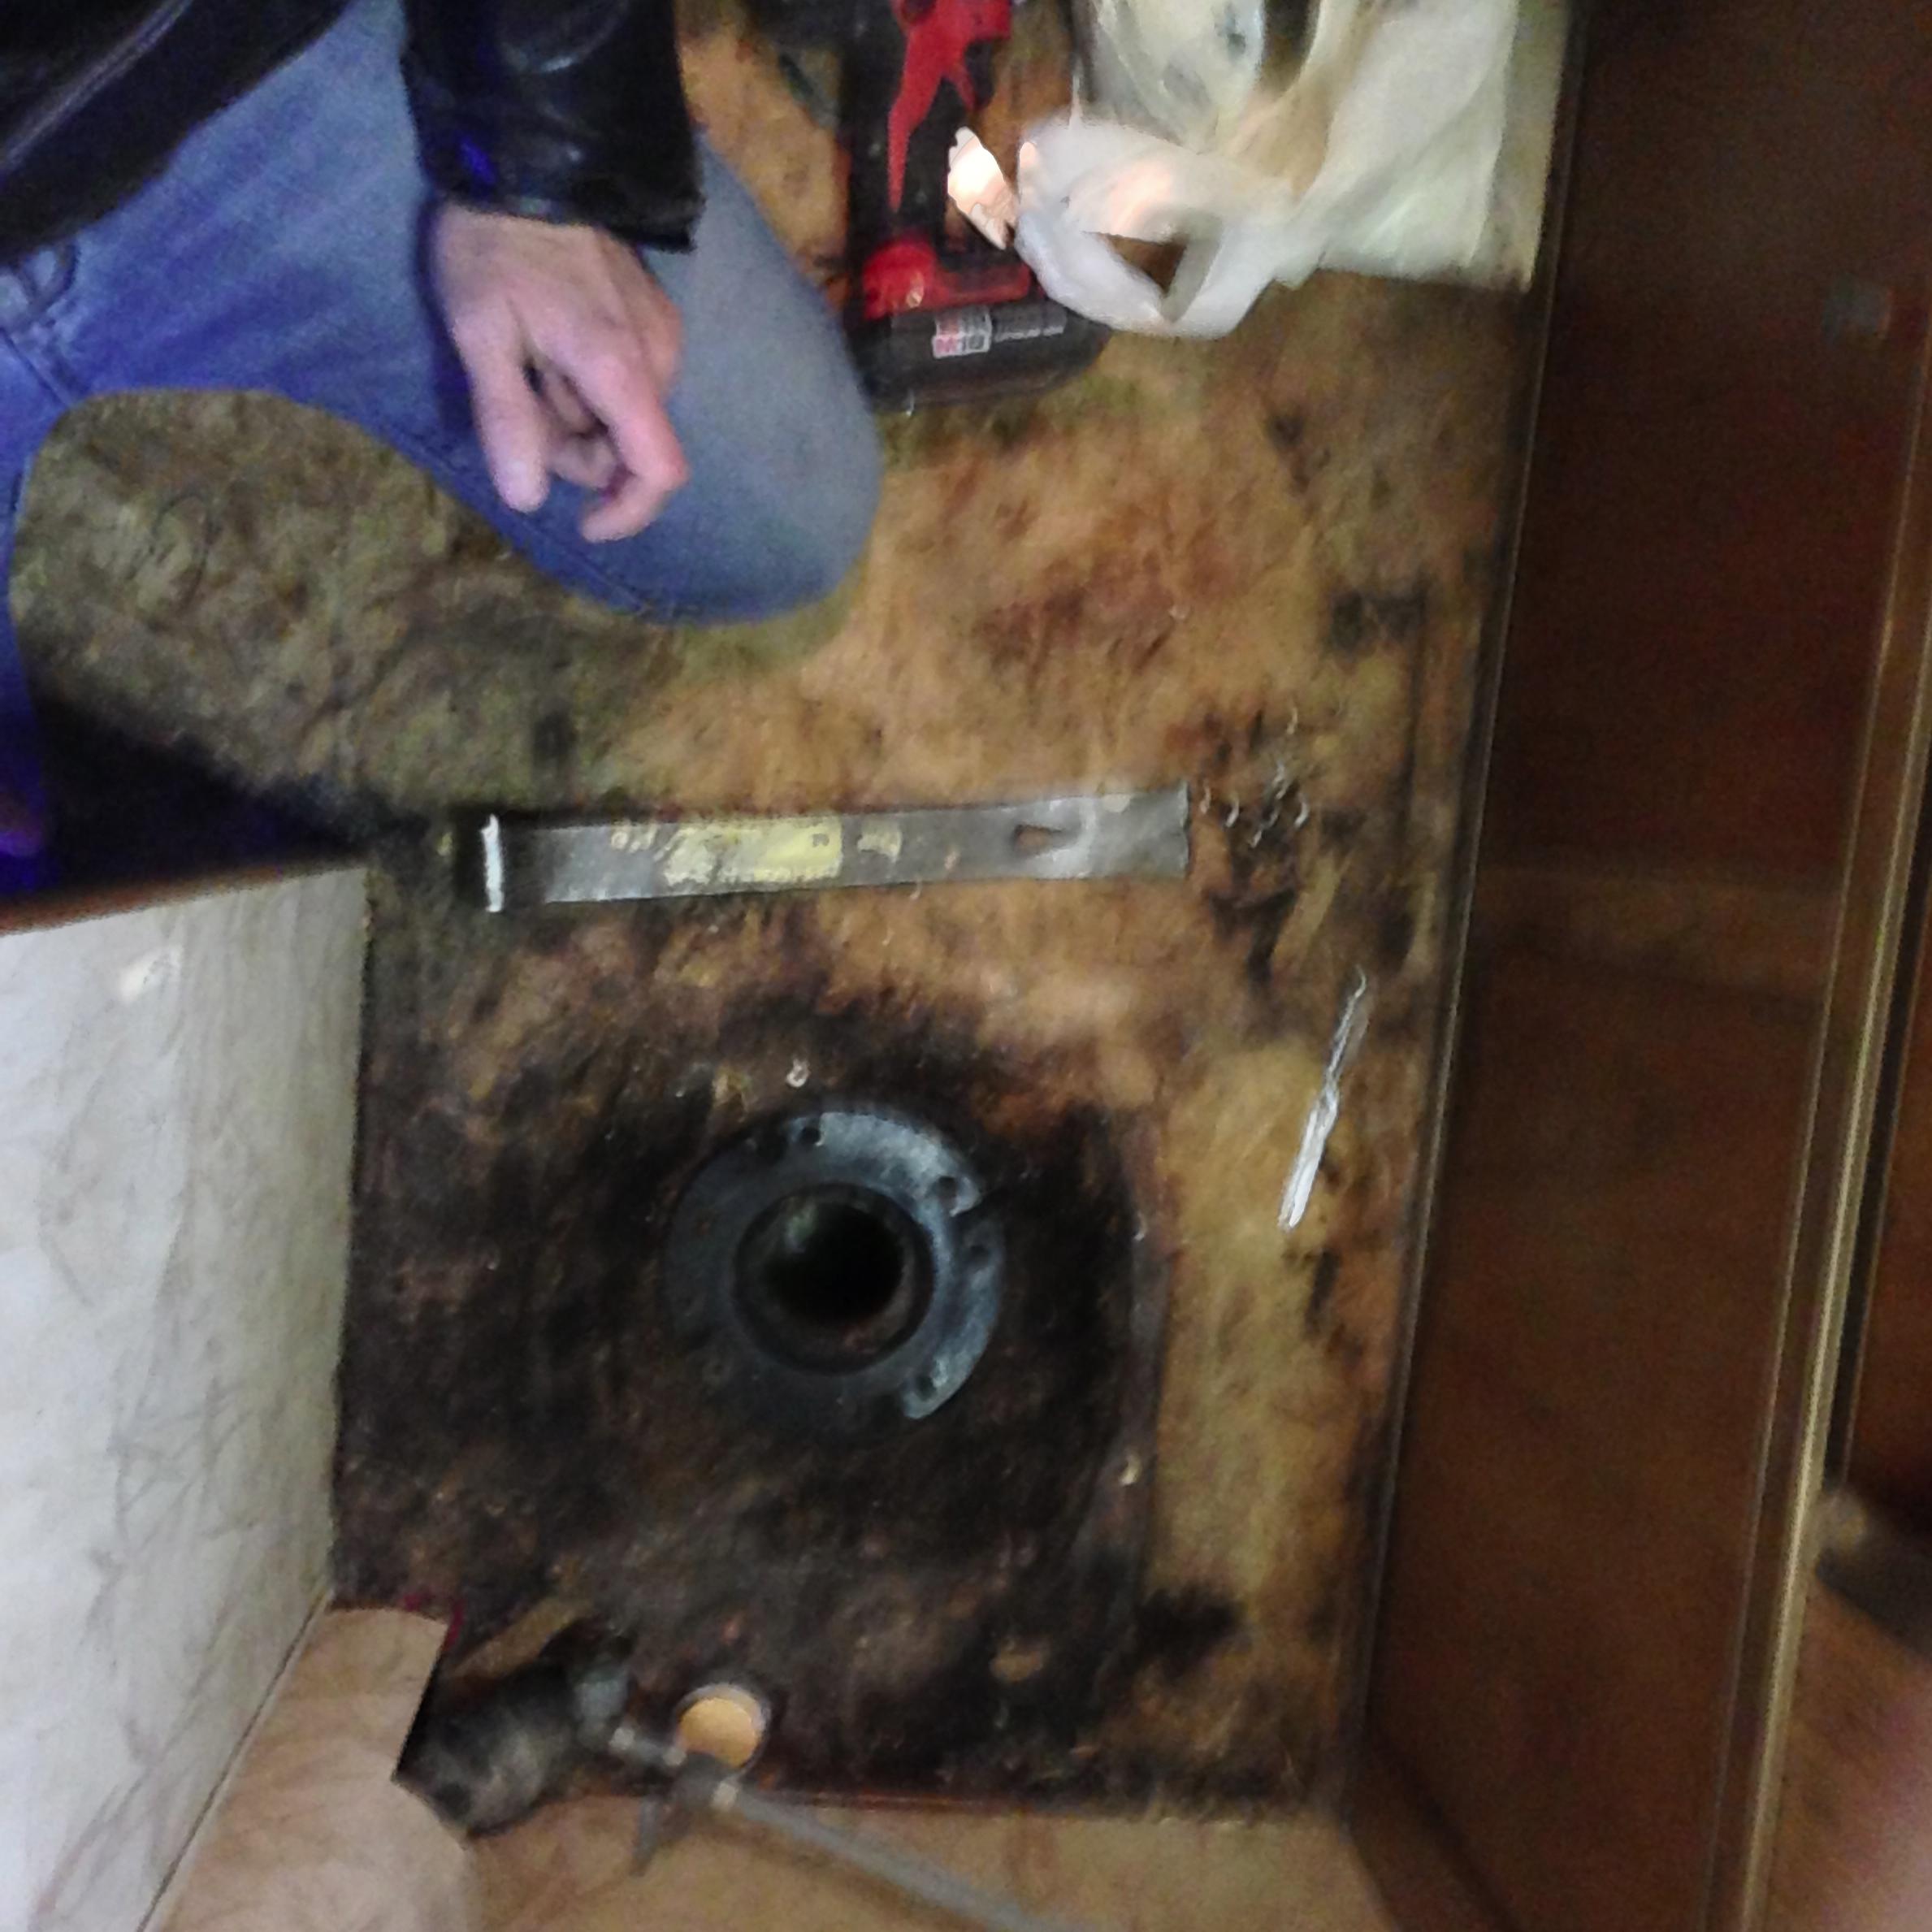 Absolutely disgusting bathroom floors.